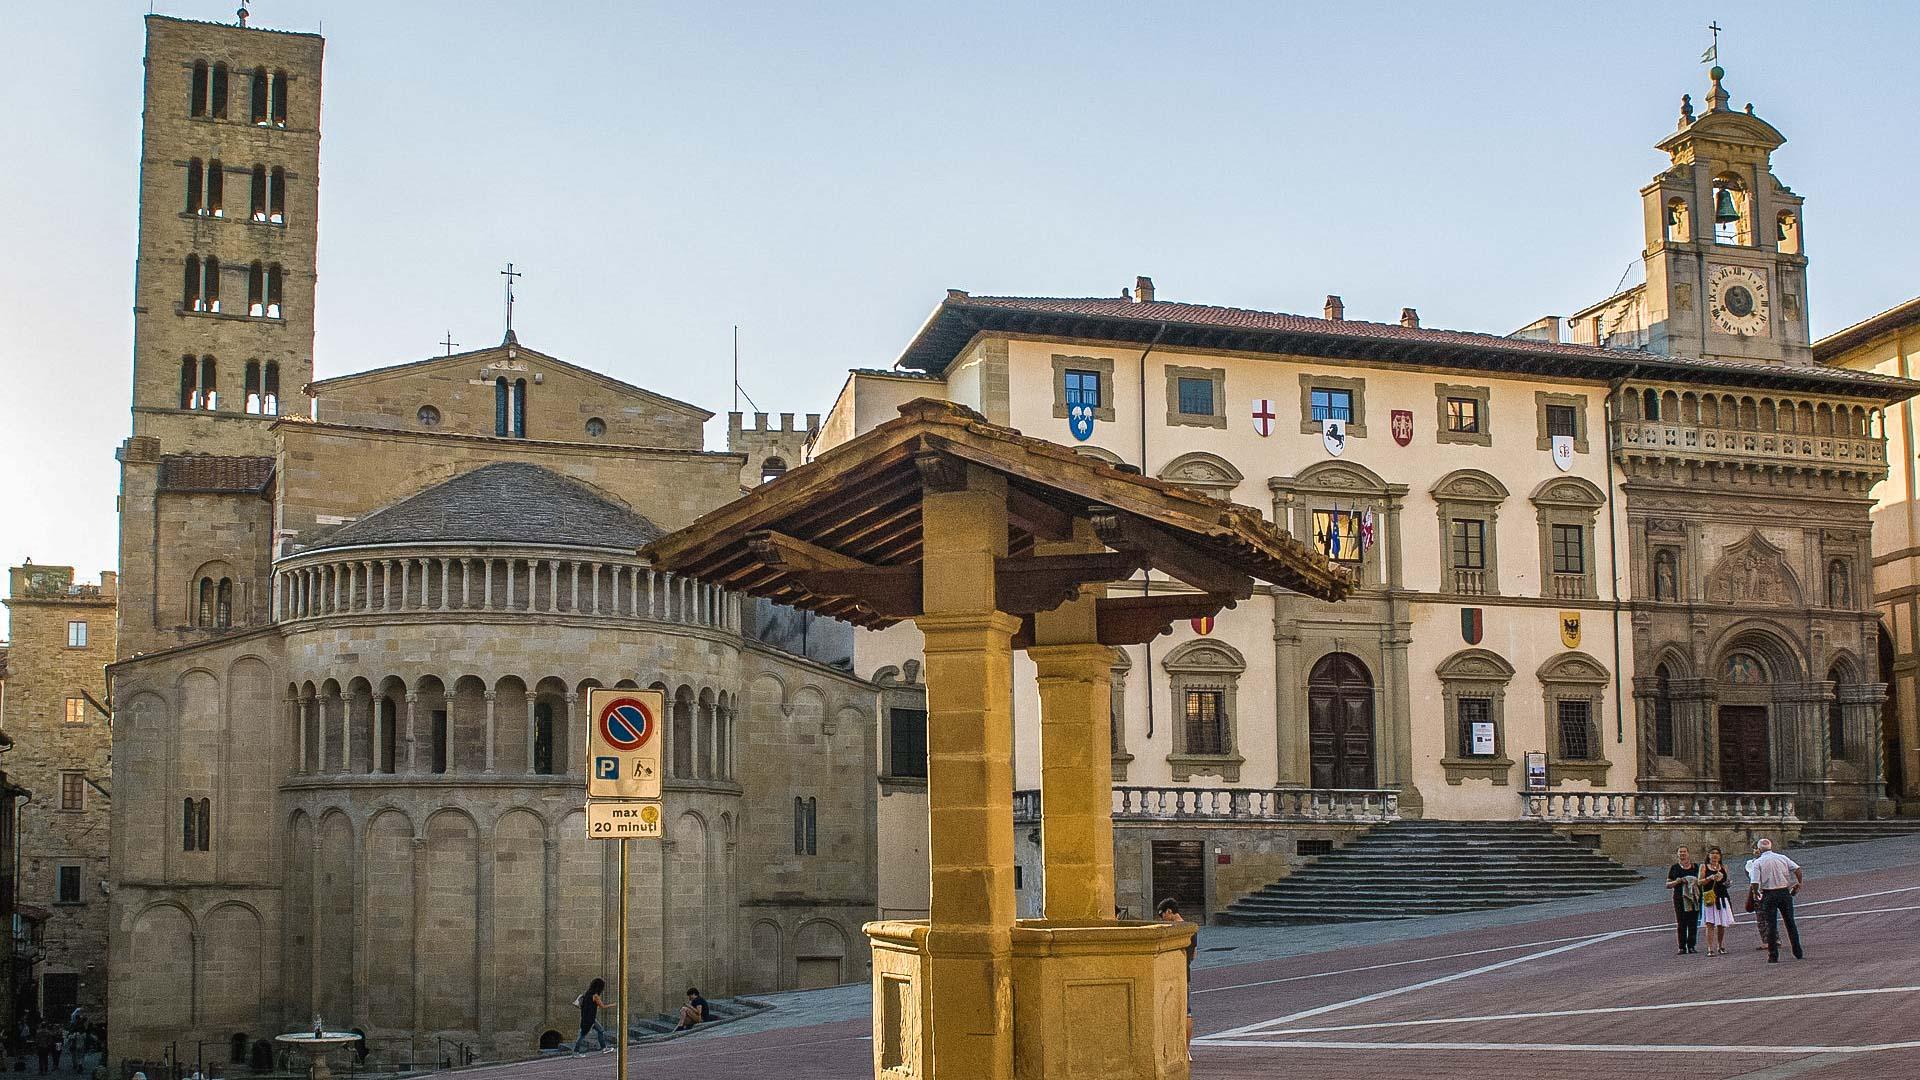 Arezzo è sicuramente una delle città da vedere in toscana in un giorno. Ci sono tante attrazioni e piazza grande con i suoi edifici è quella principale. Qui si vede l'esterno della chiesa di santa maria della pieve e il pozzo.